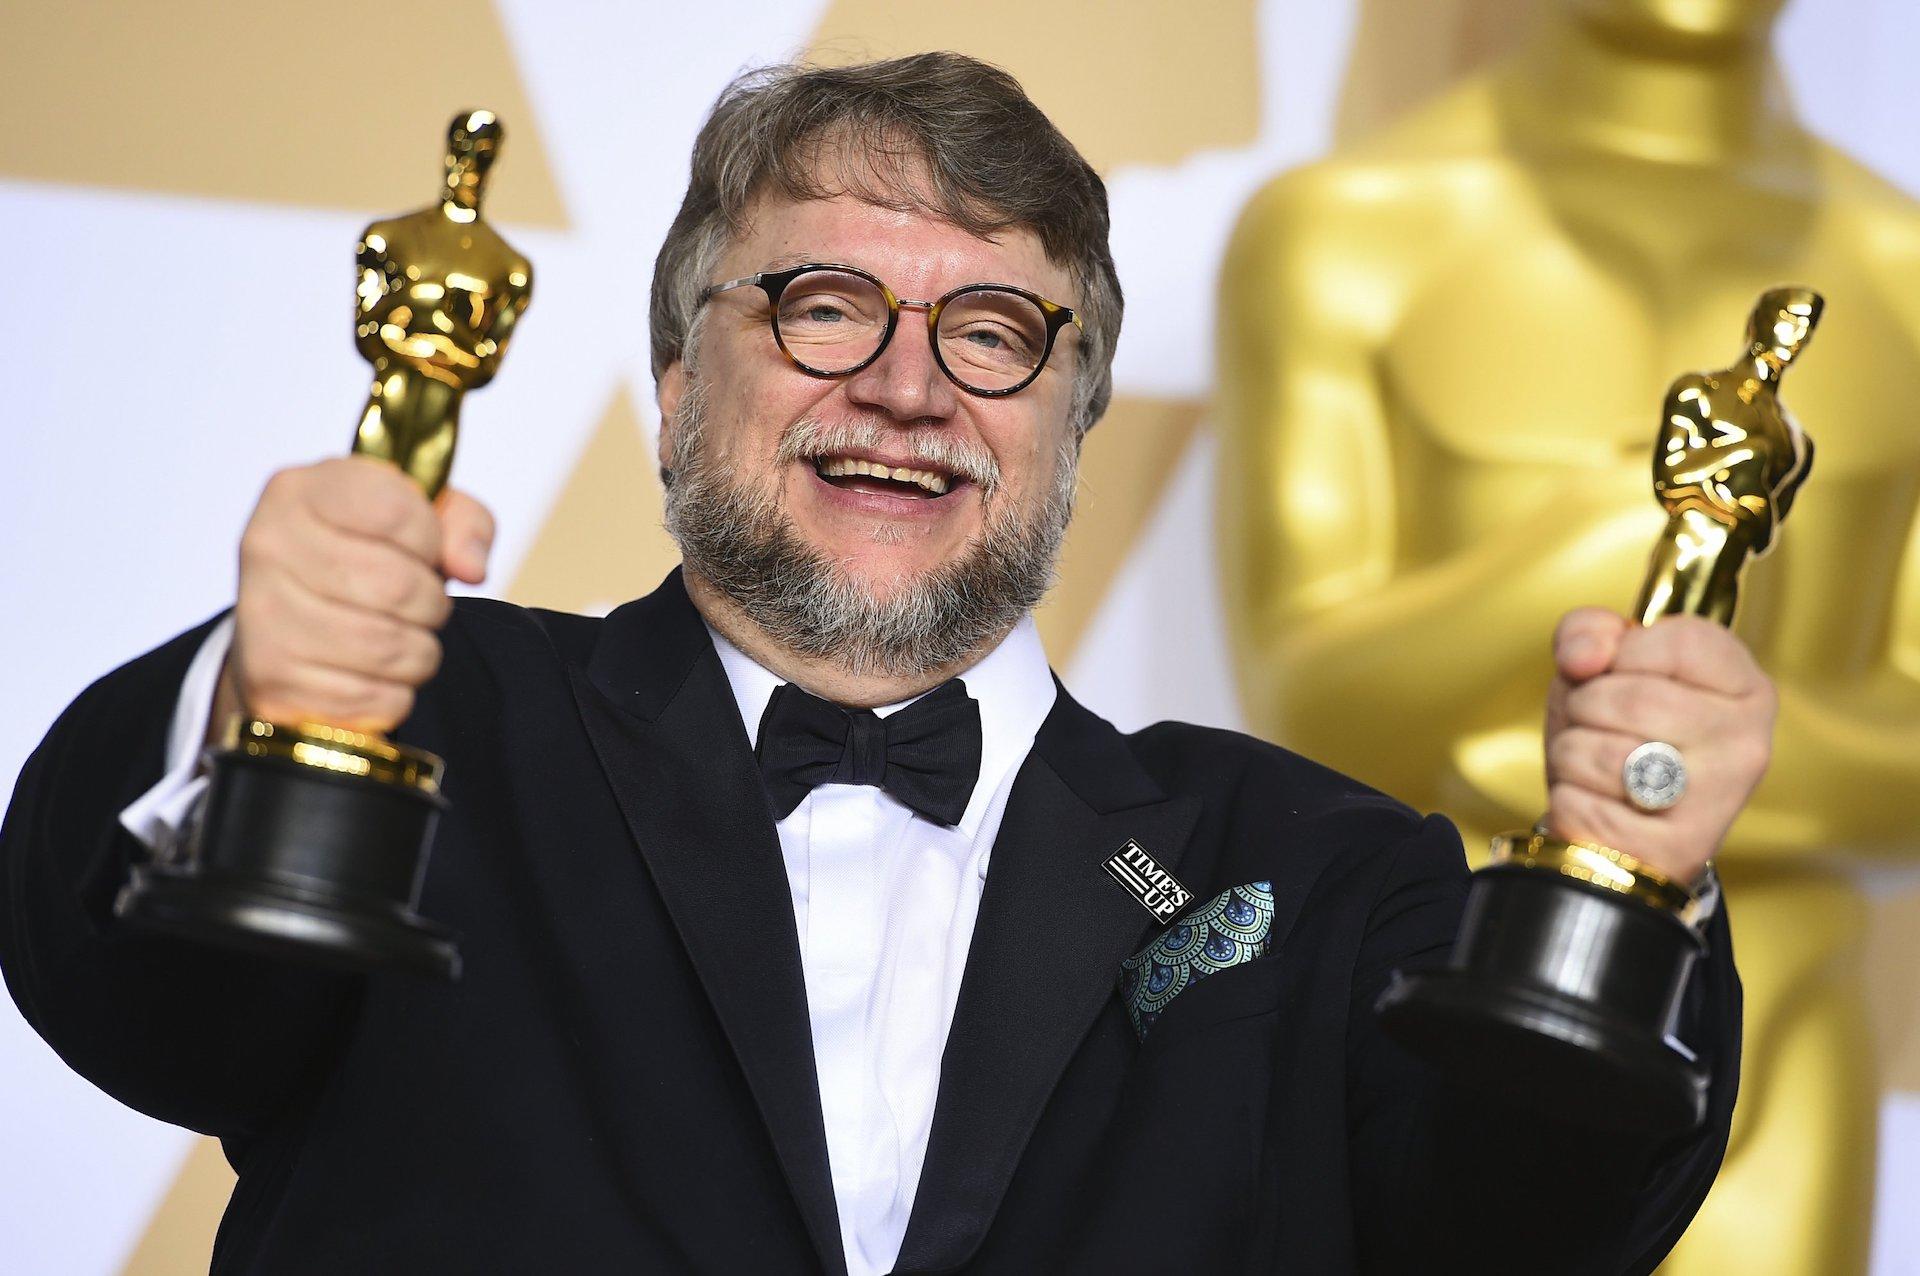 Guillermo del Toro's filmography